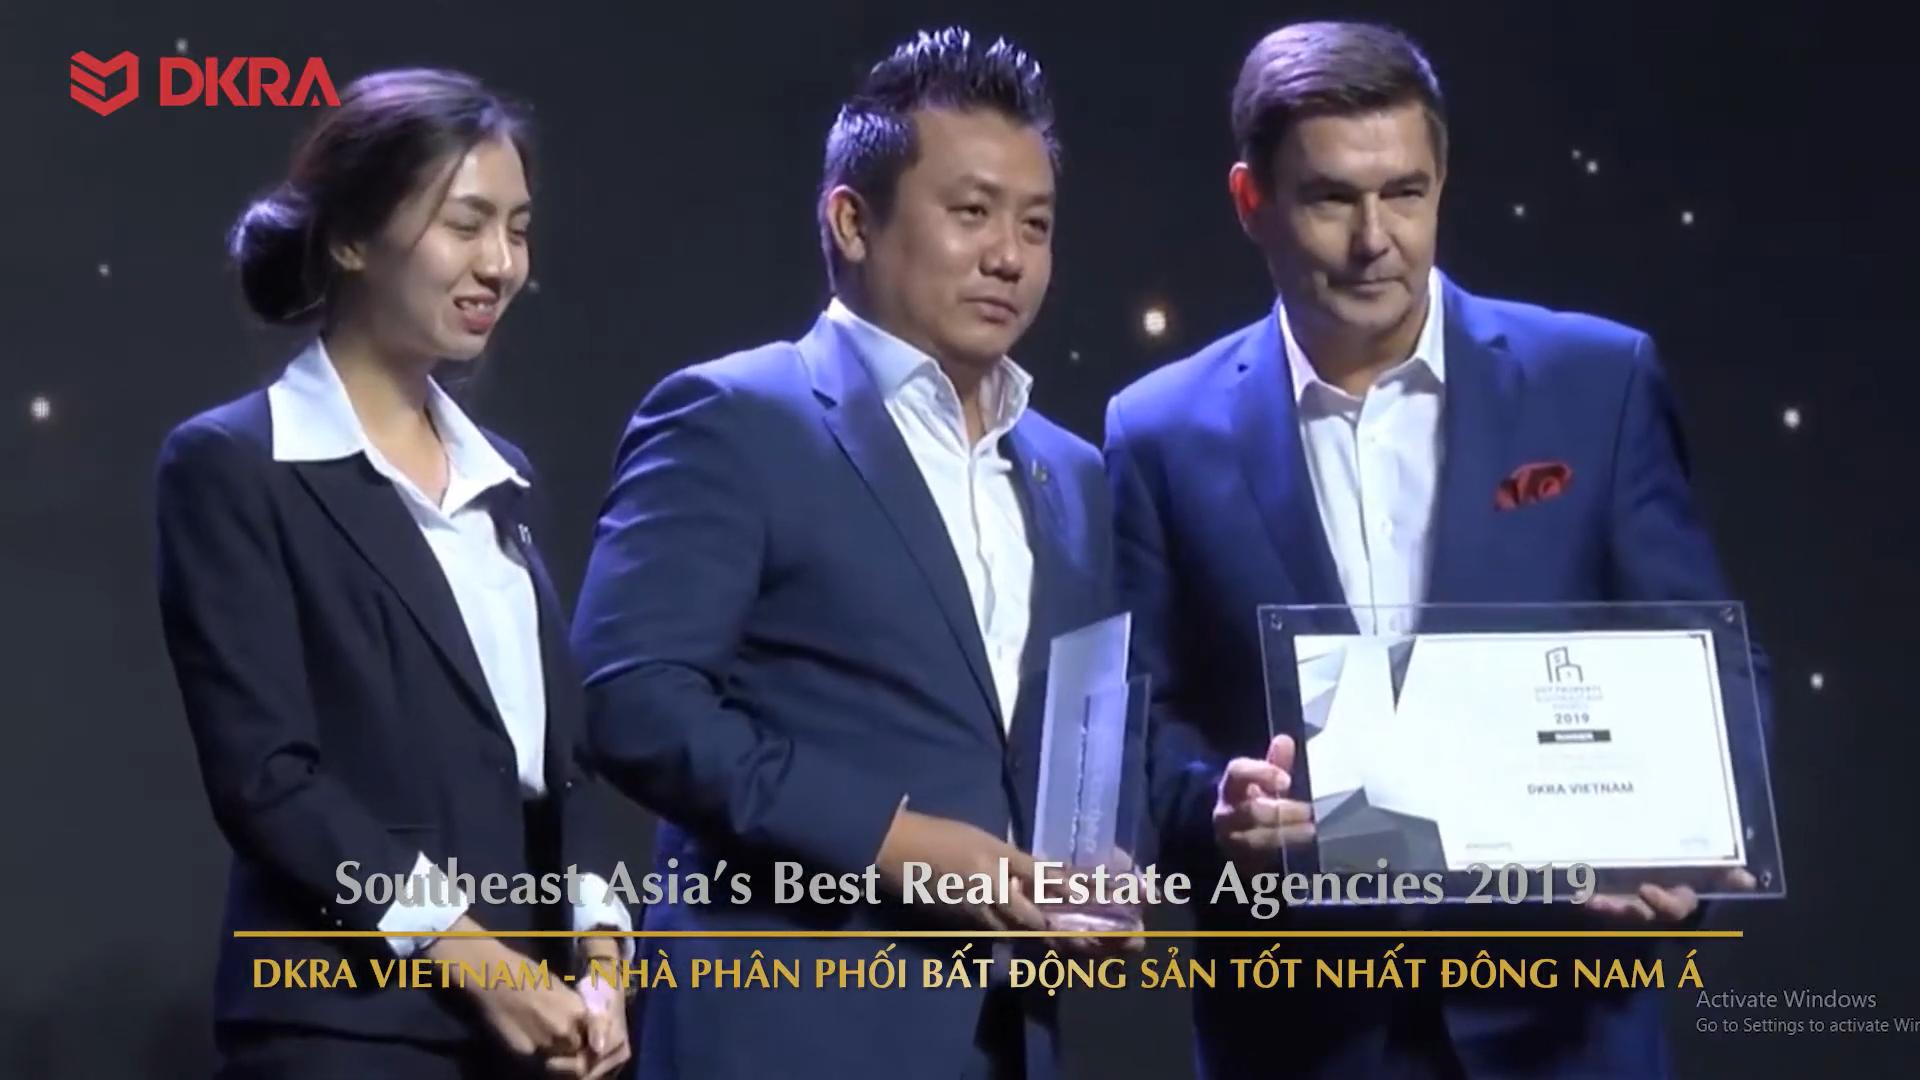 """DKRA Vietnam đạt giải """"Nhà Phân Phối BĐS Tốt Nhất Đông Nam Á năm 2019"""""""